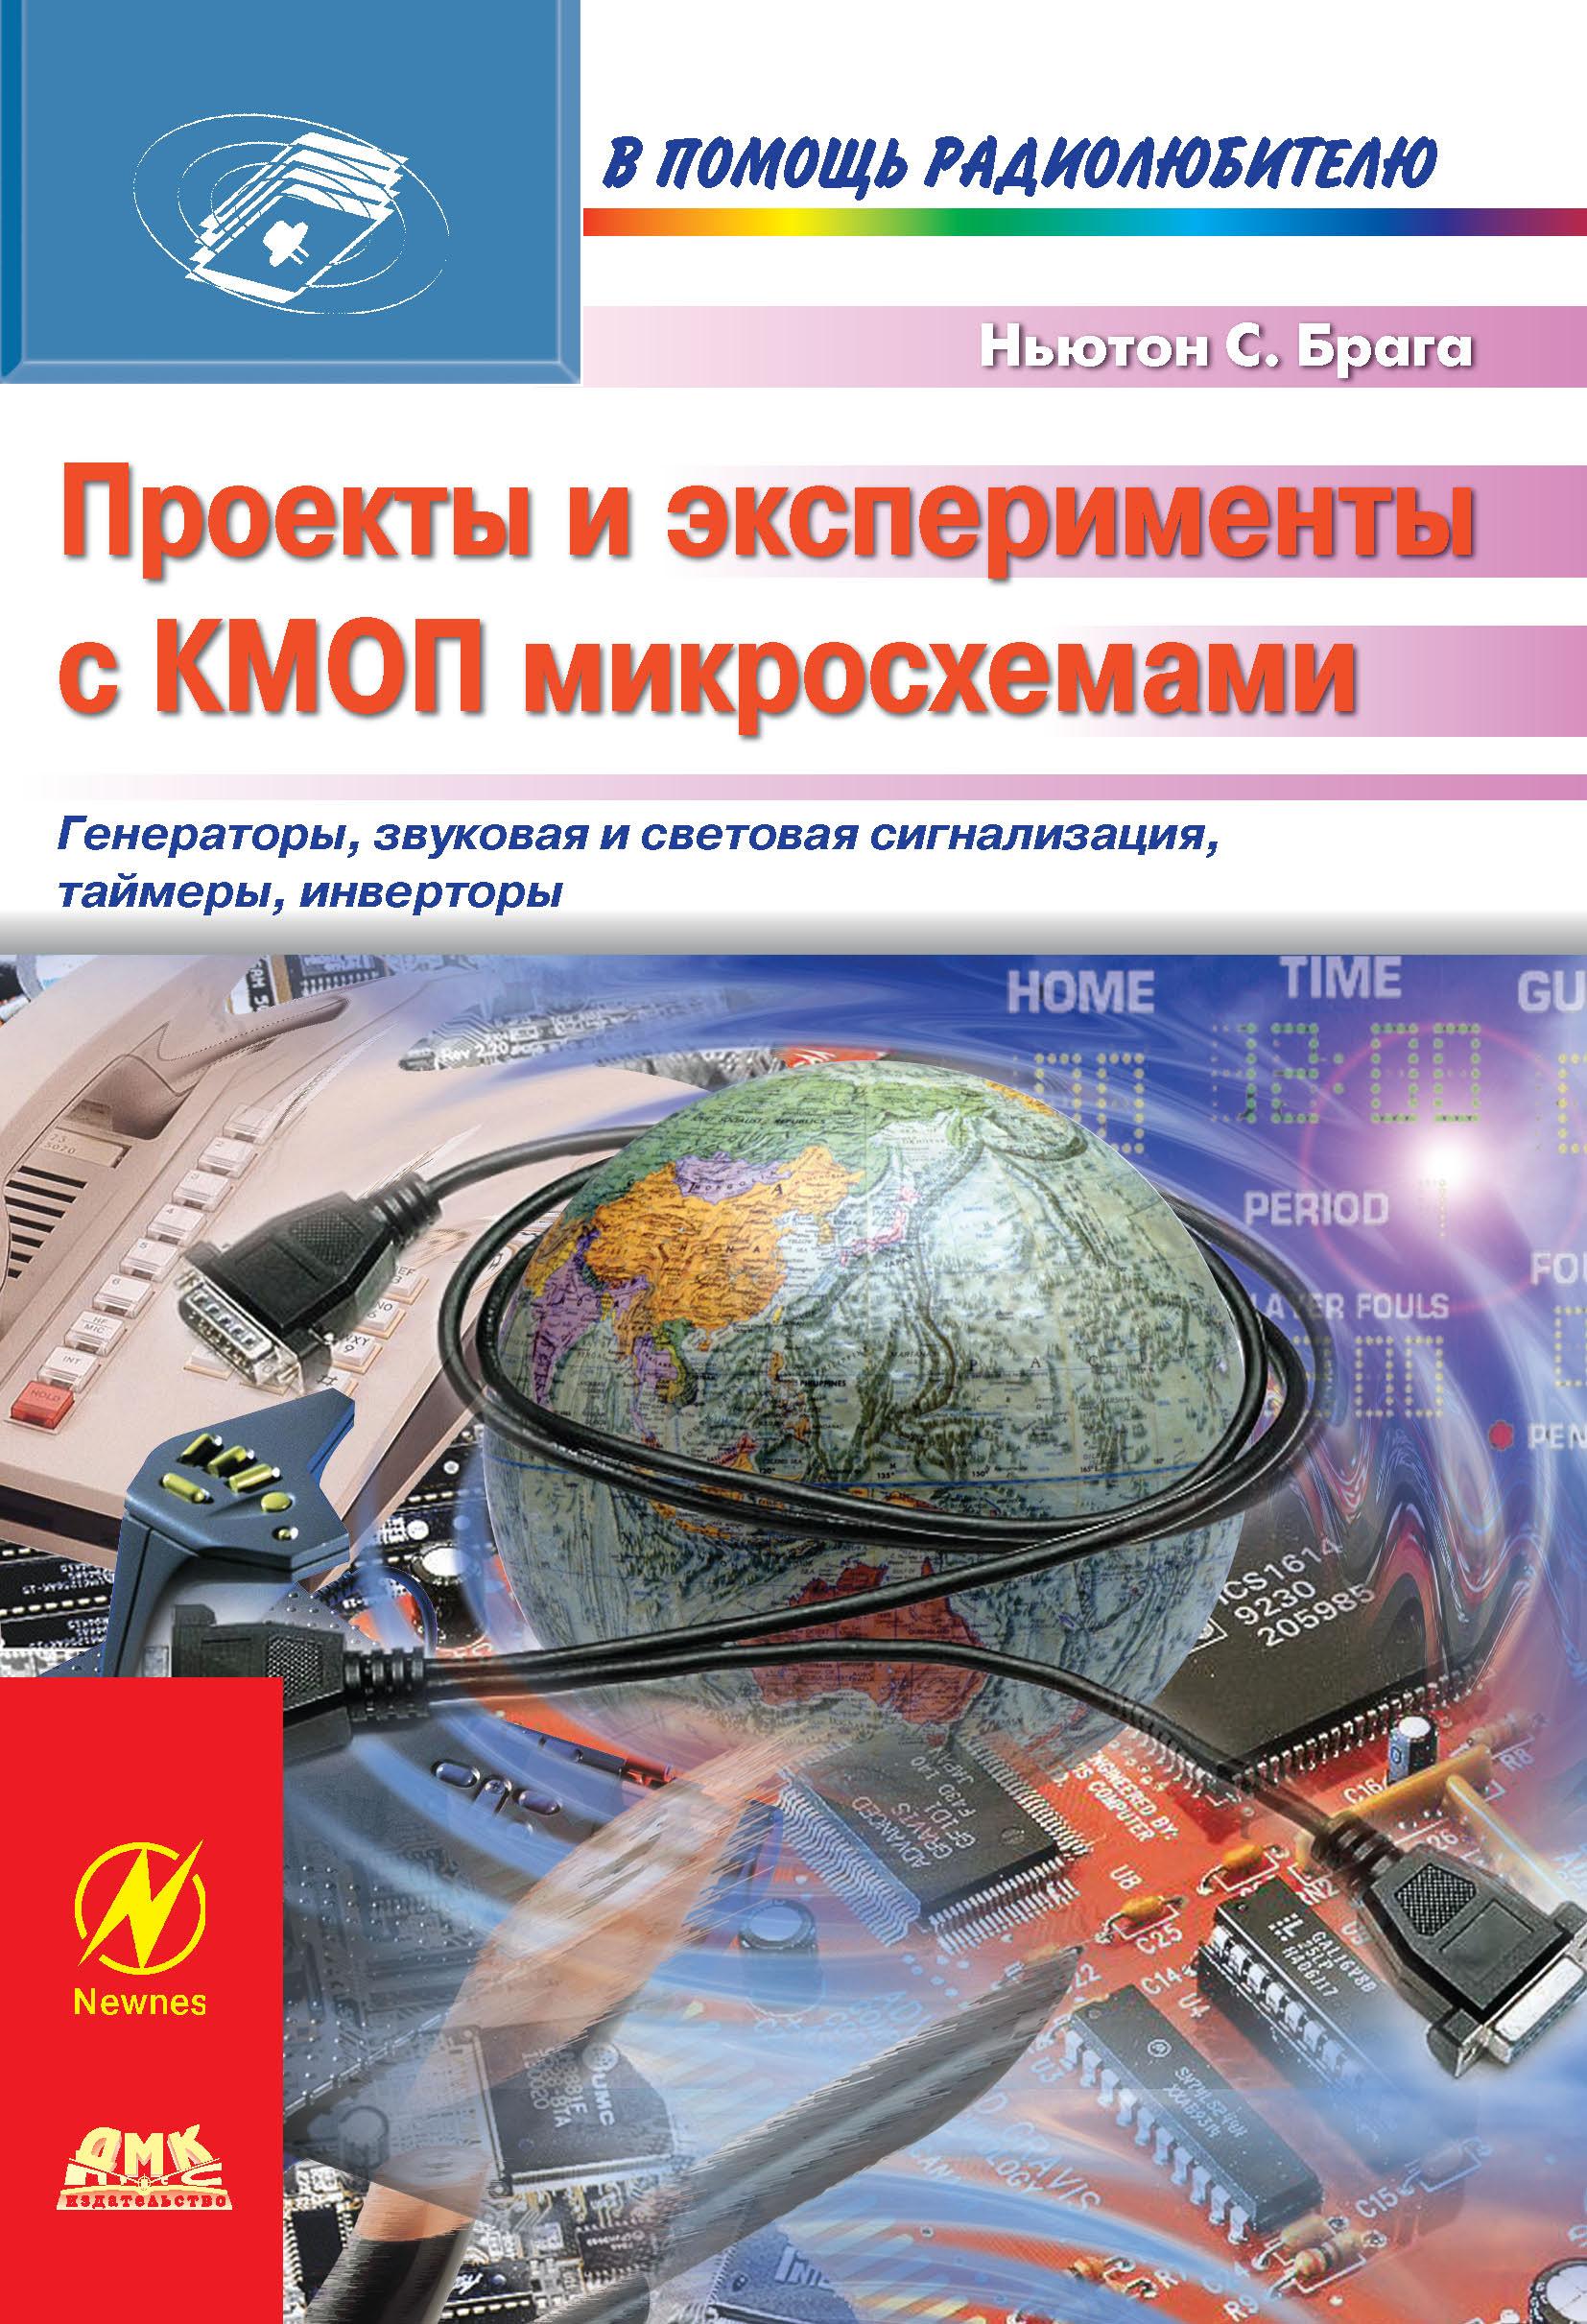 Проекты и эксперименты с КМОП микросхемами